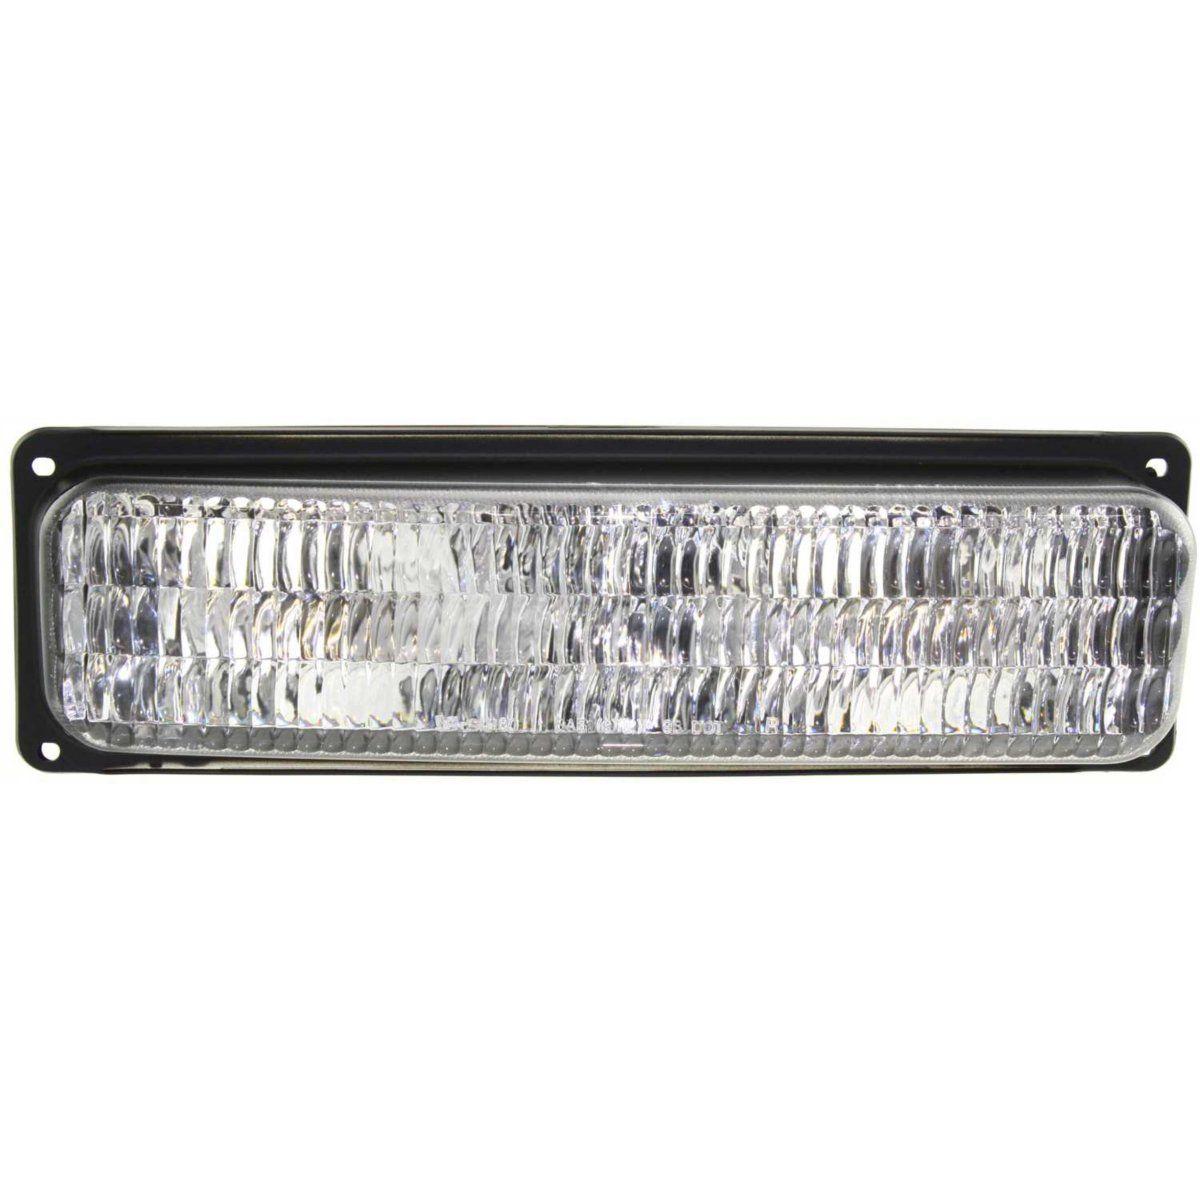 コーナーライト Parking Light For 1996-02 Chevy Express 3500 Lens/Housing w/Comp Headlight Right パーキングライト1996-02シボレーエクスプレス3500レンズ/ハウジング付きコンプカメラヘッドライト